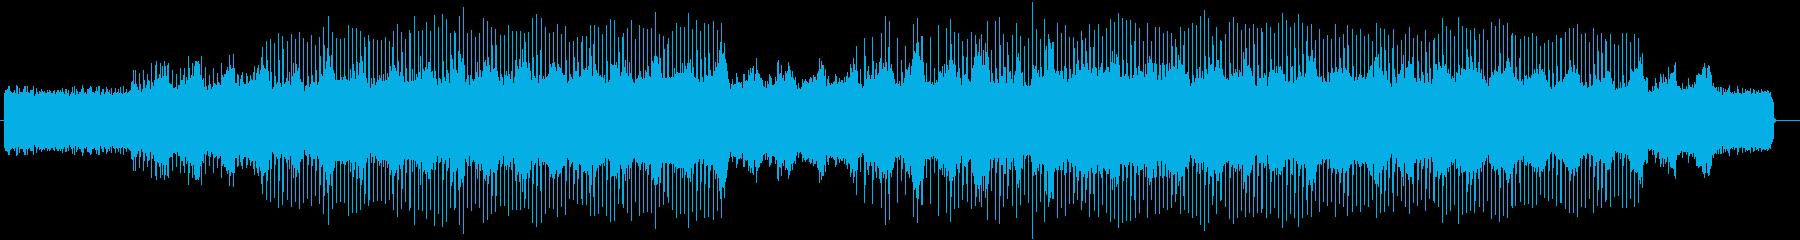 ドラマティックなギターピアノサウンドの再生済みの波形